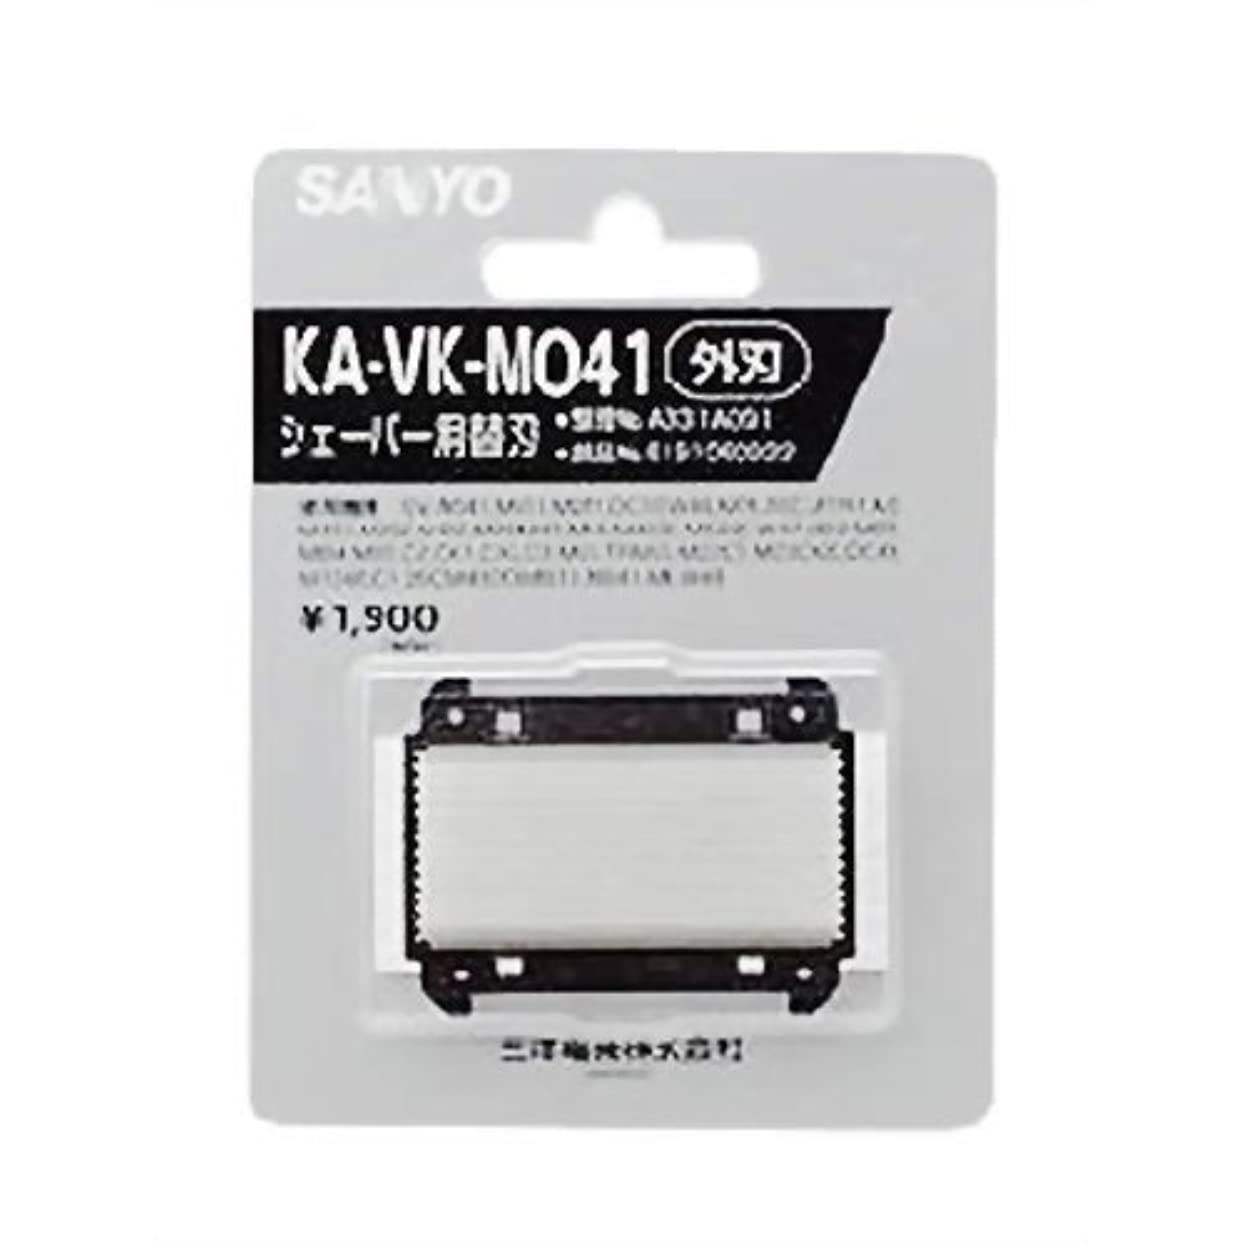 仲間、同僚国勢調査プラットフォームSANYO シェーバー用替刃 外刃 KA-VK-M041